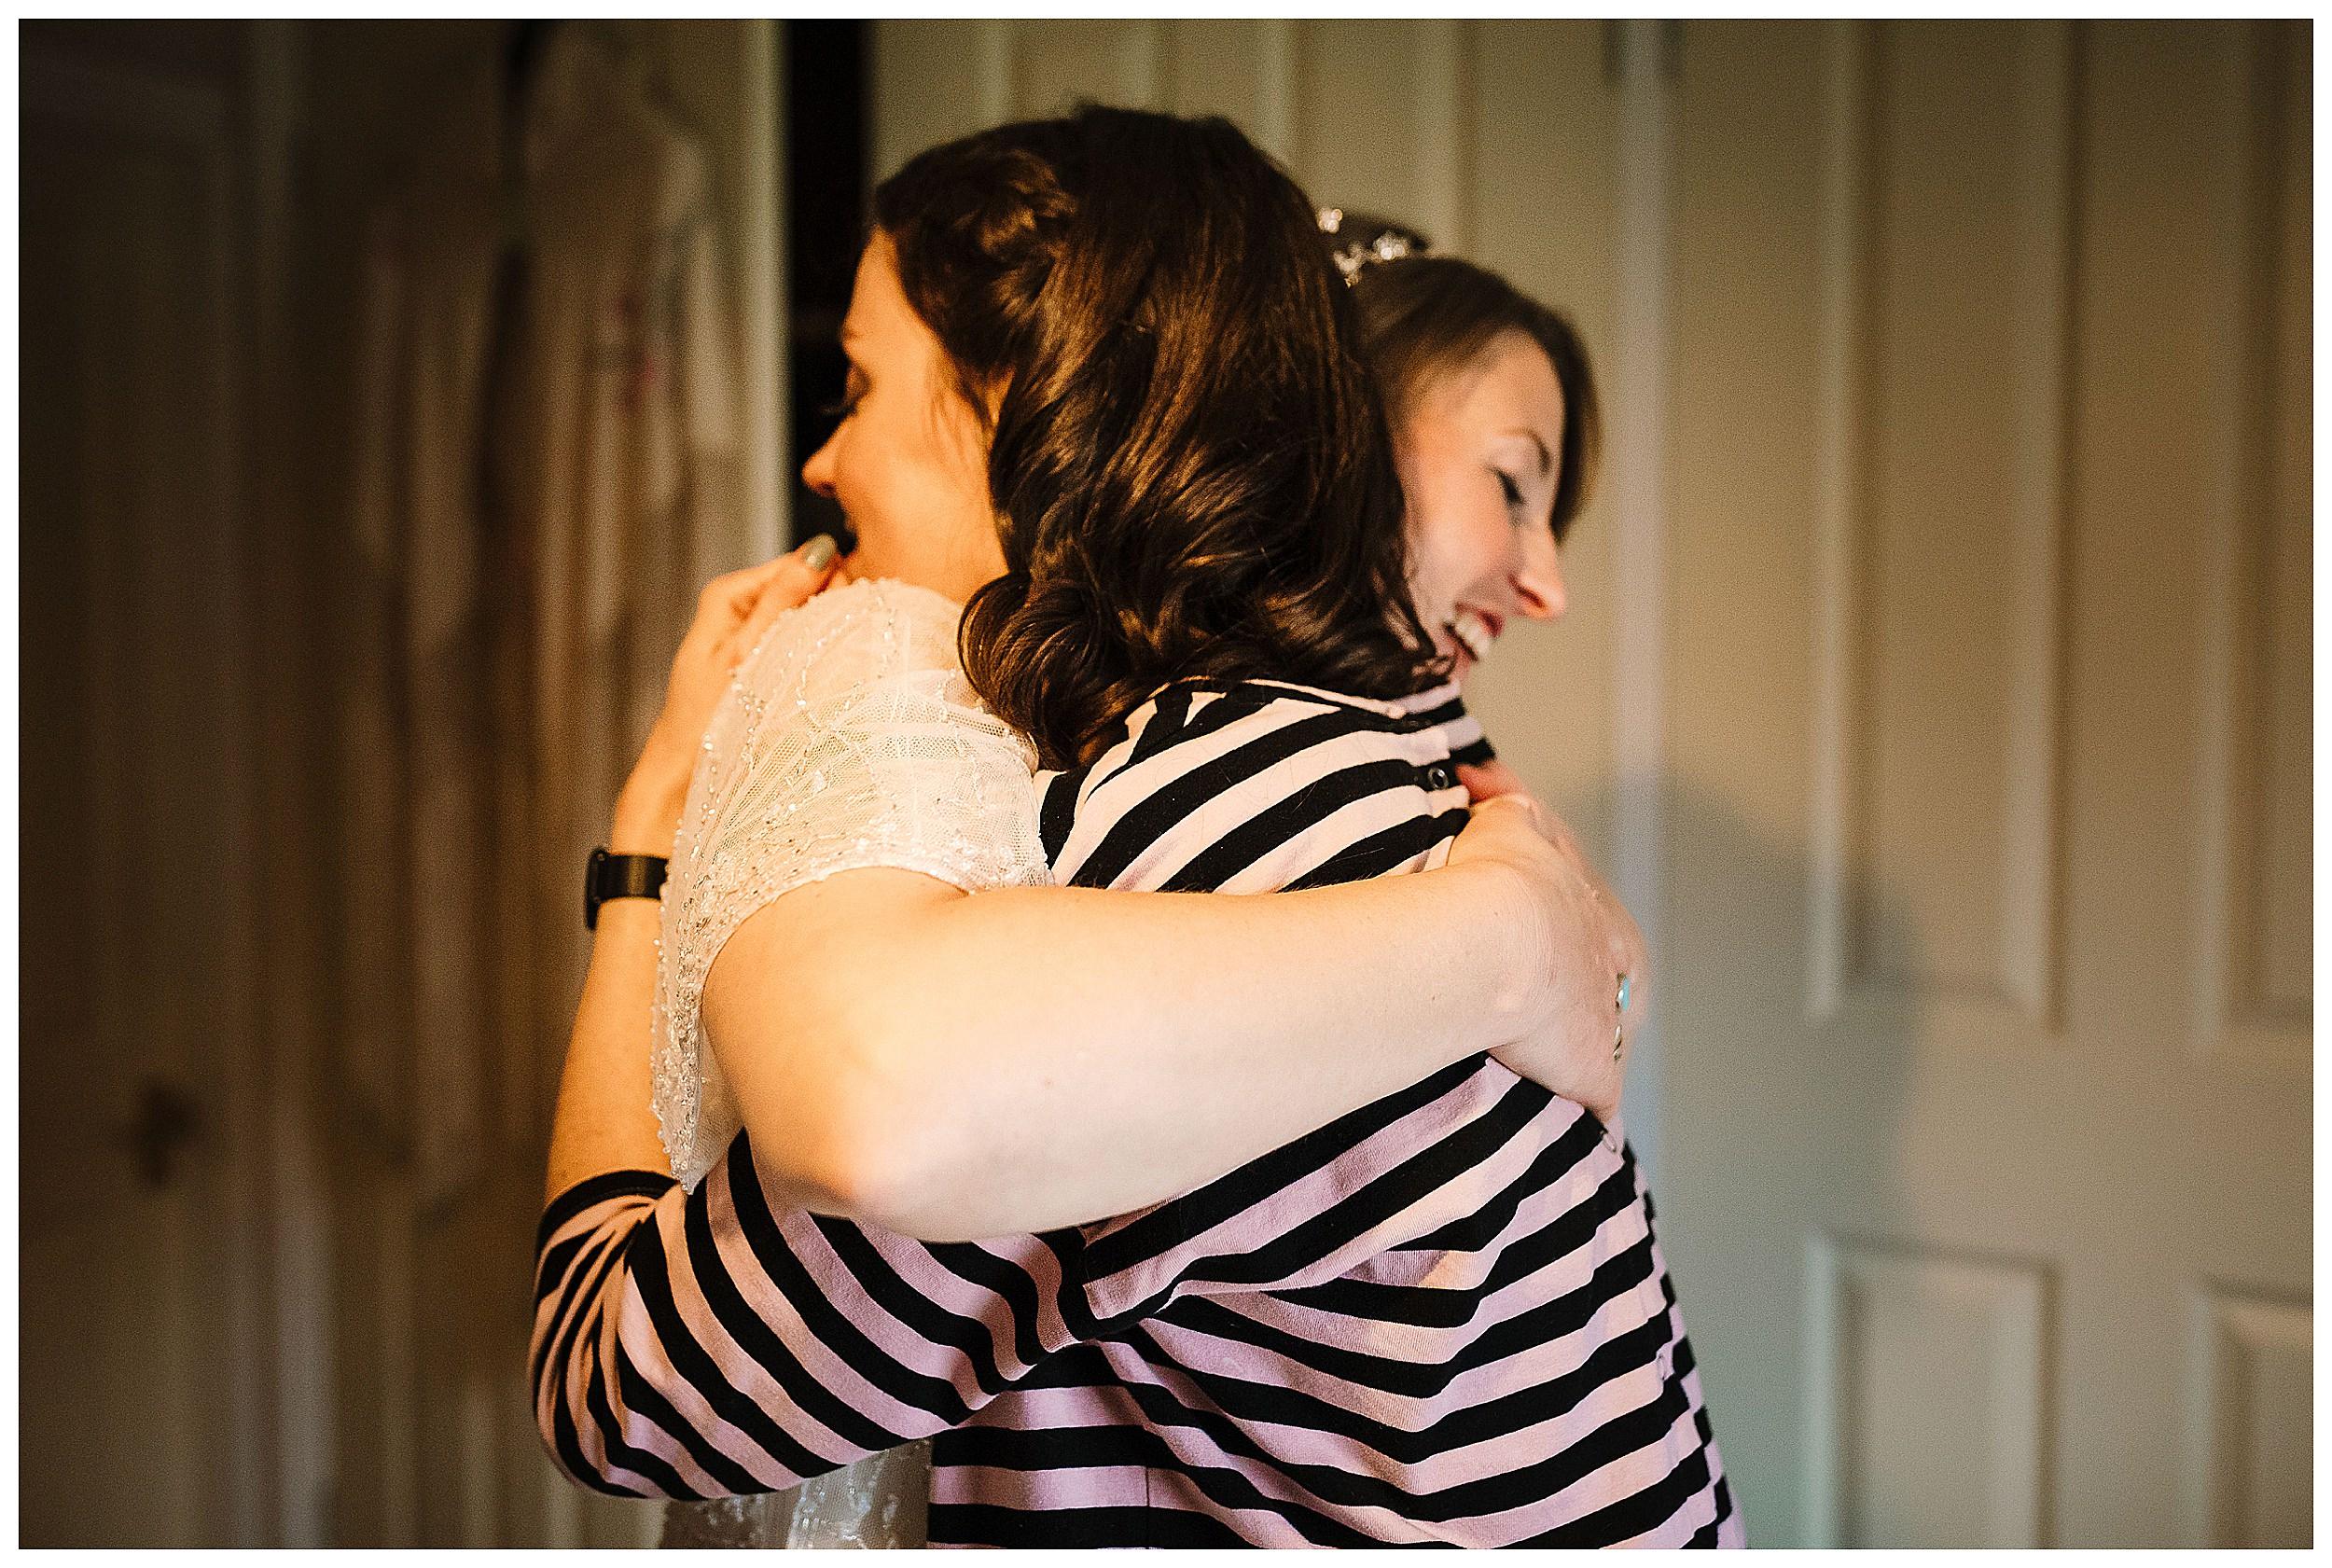 A bride hugging her bridesmaid